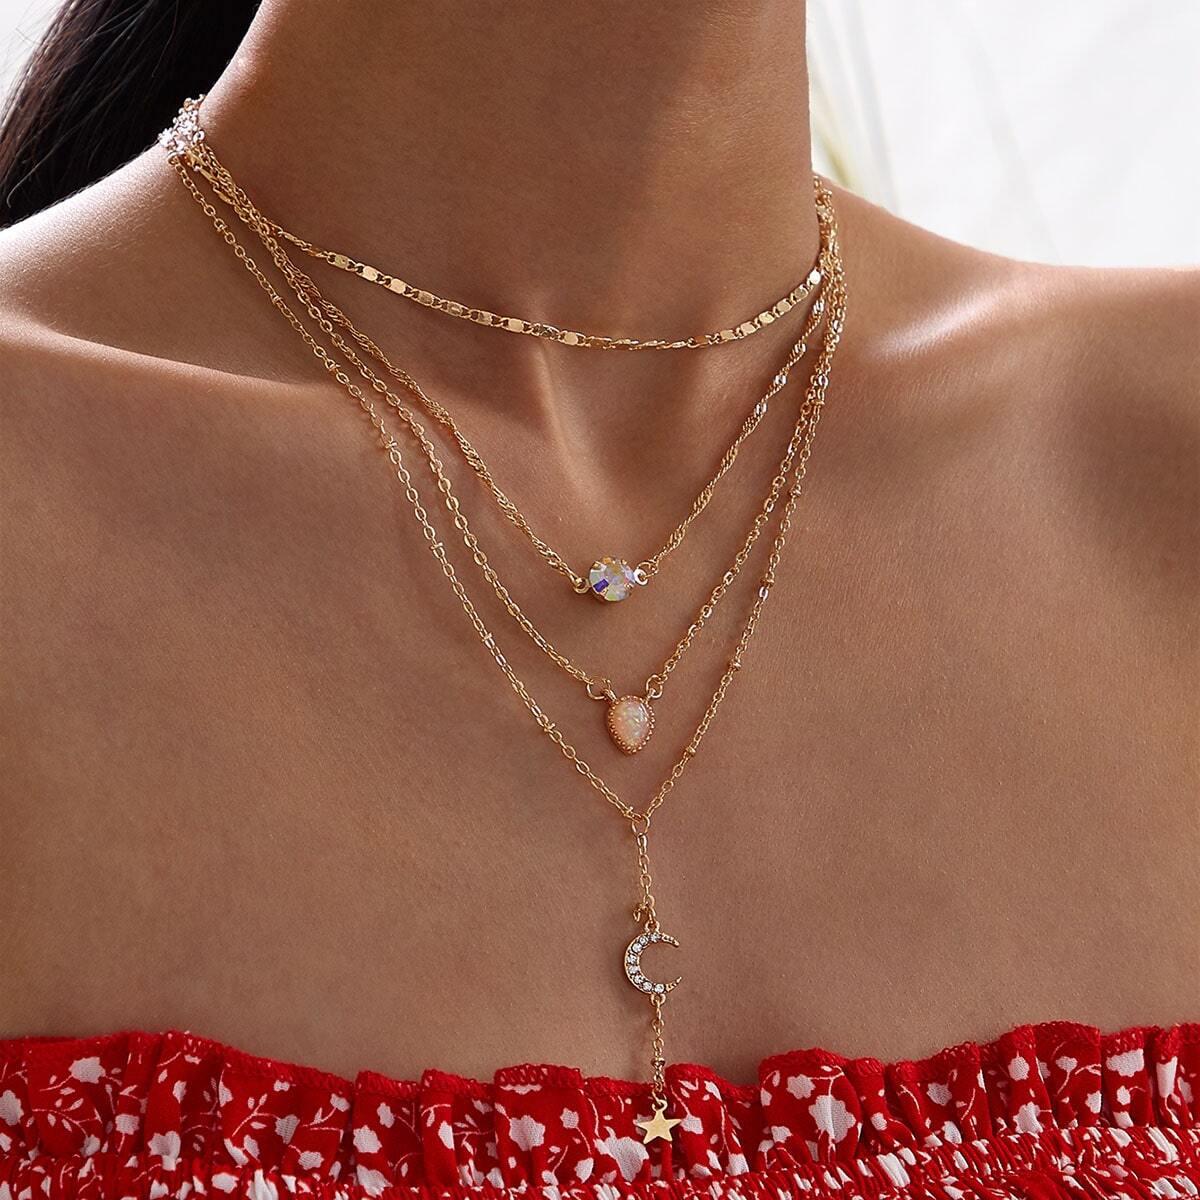 SHEIN / Lasso mehrschichtige Halskette mit Mond & Stern Anhänger 1 Stück